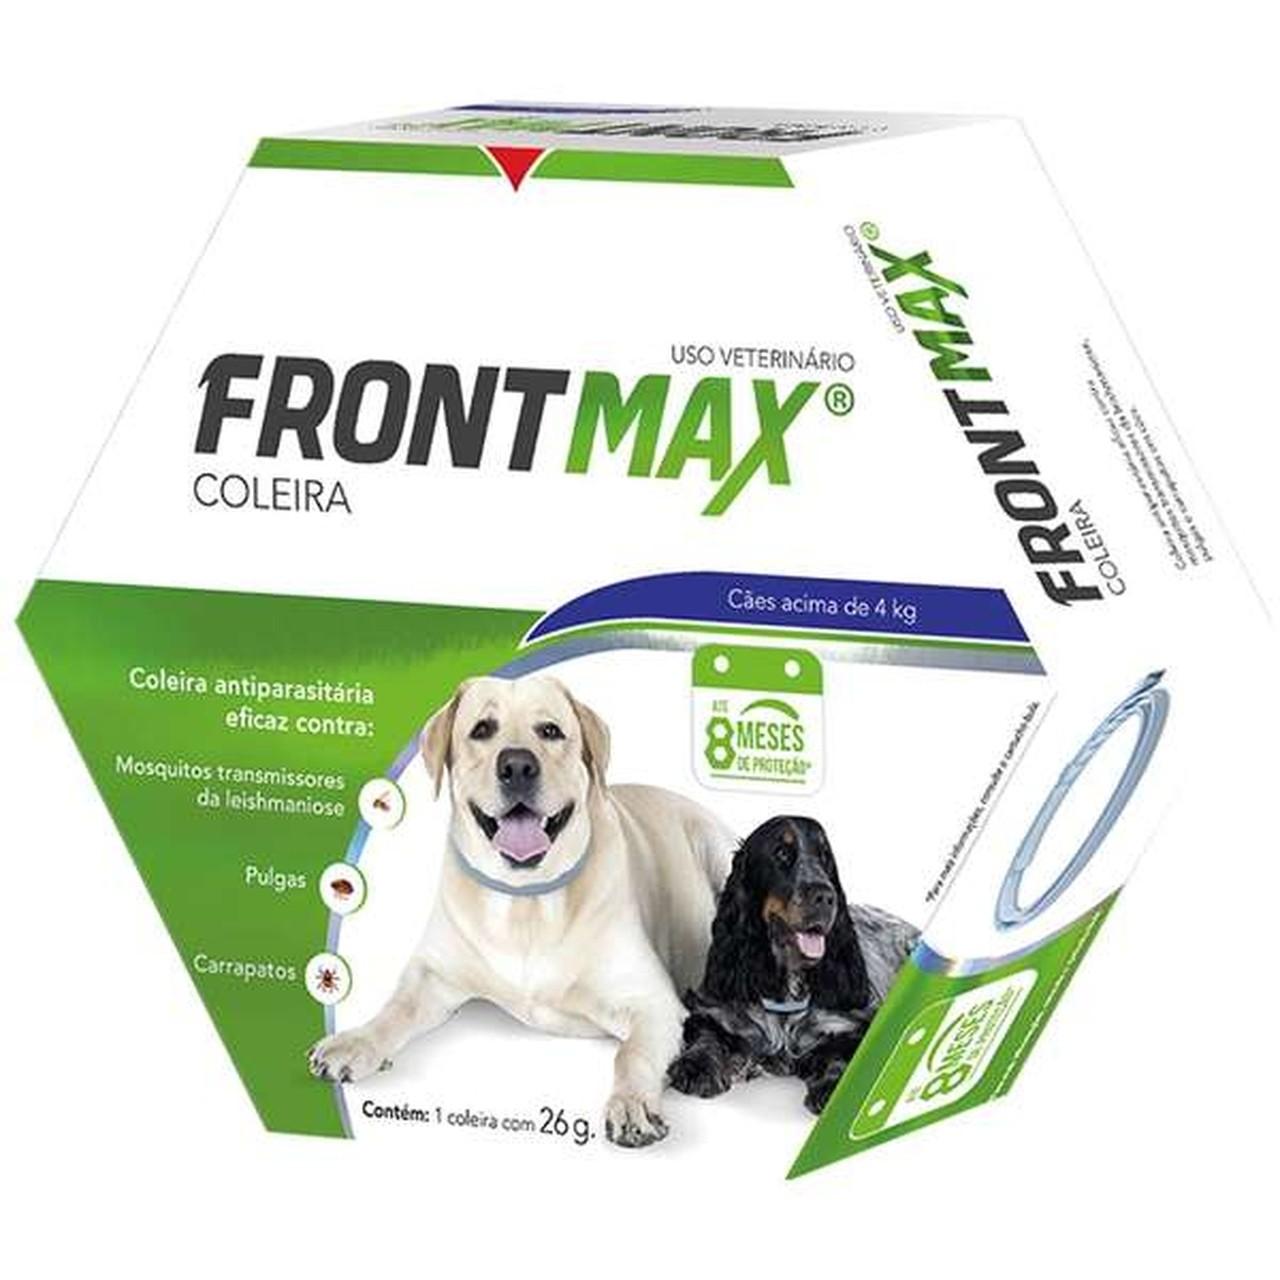 Coleira Antiparasitária Vetoquinol Frontmax para Cães Acima de 4 Kg